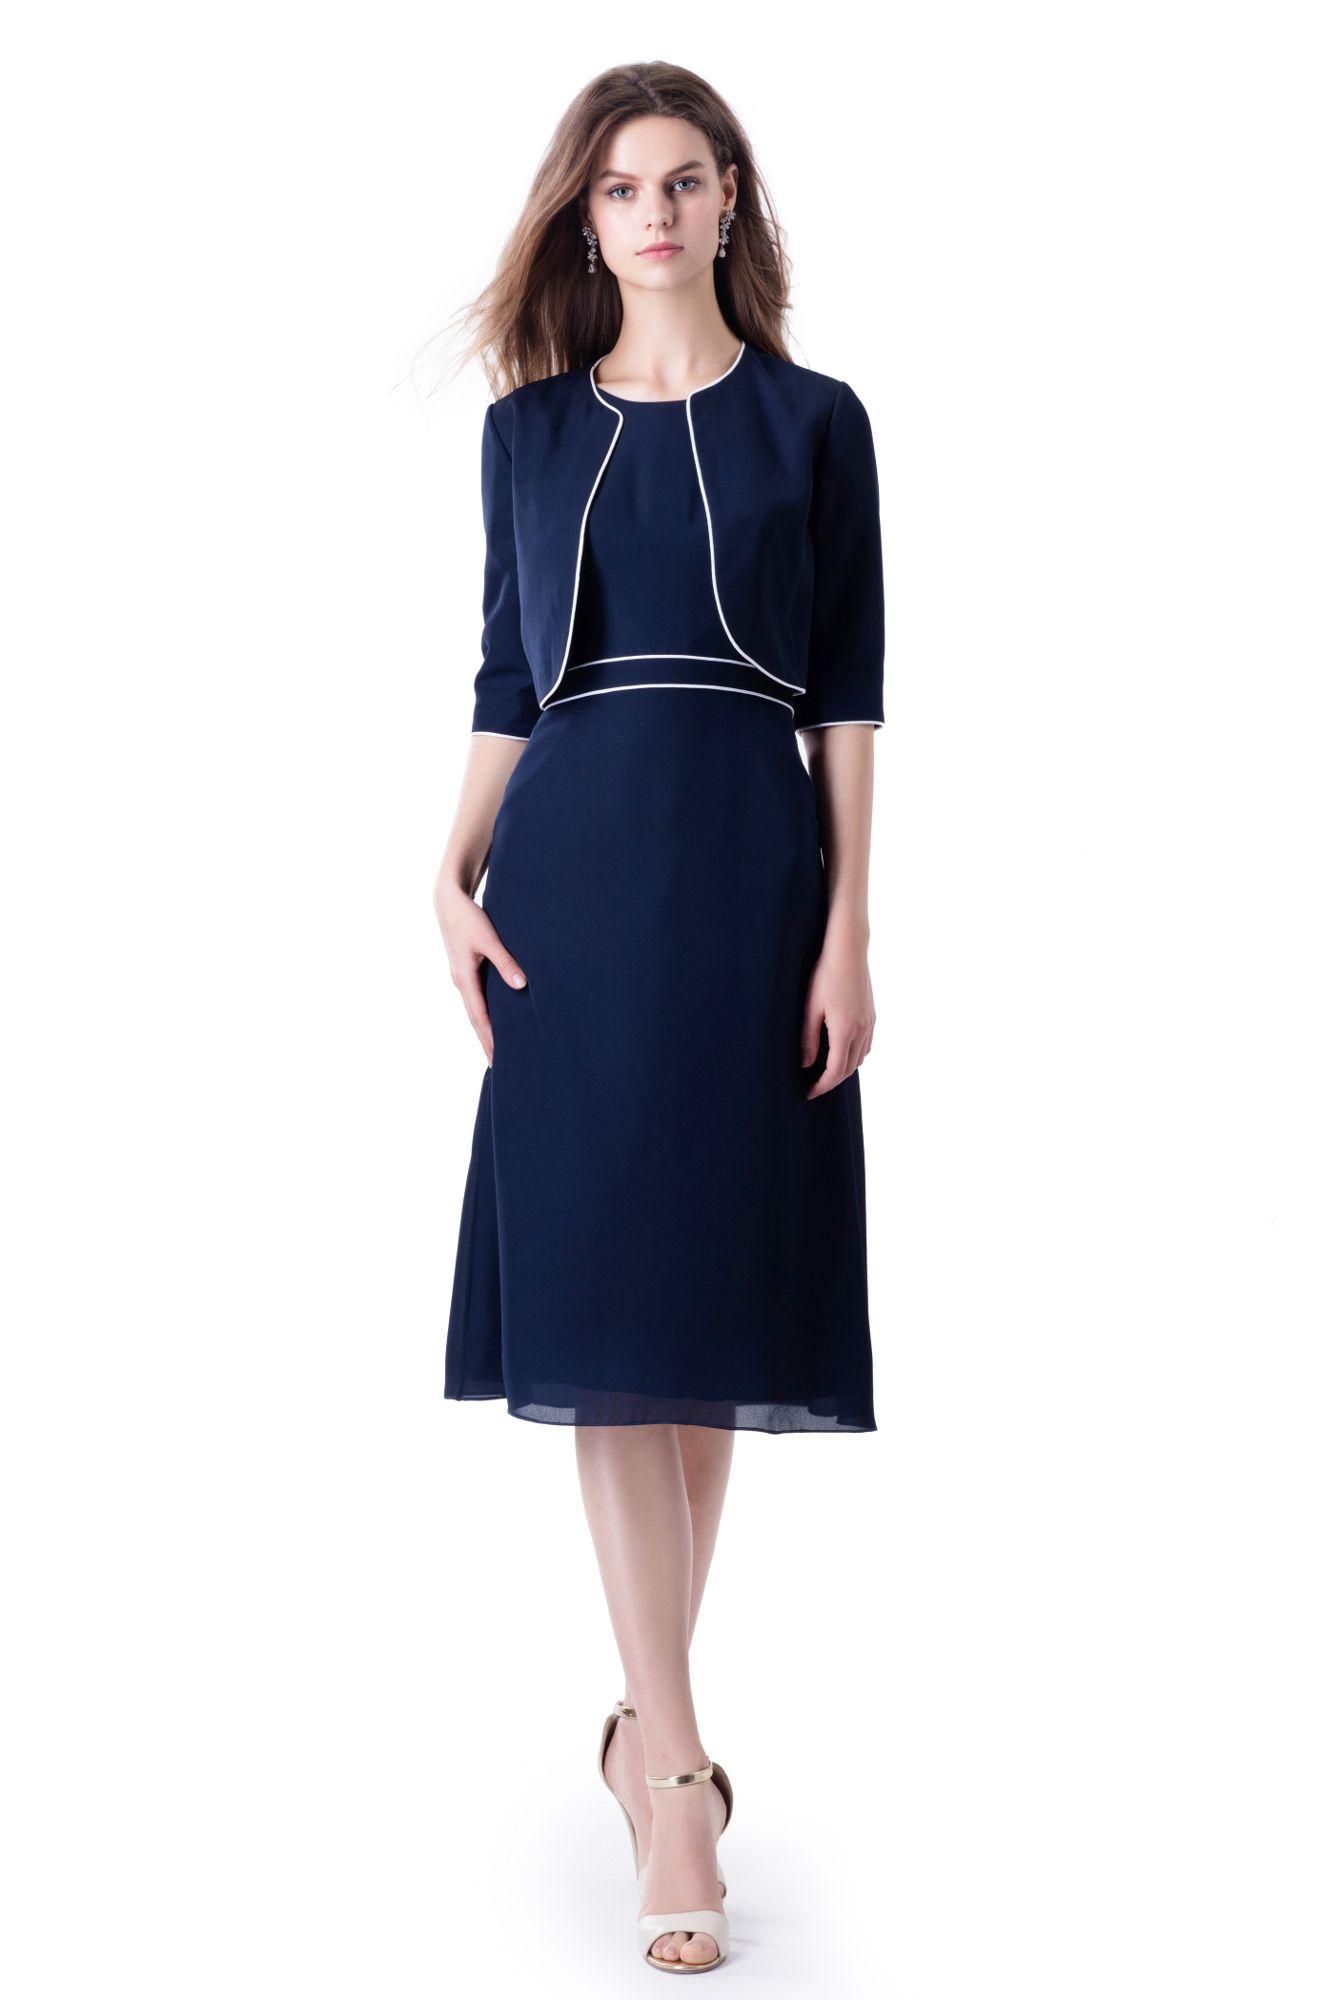 Kleid mit Jacke in klassischem dunkleblau. Ideal für